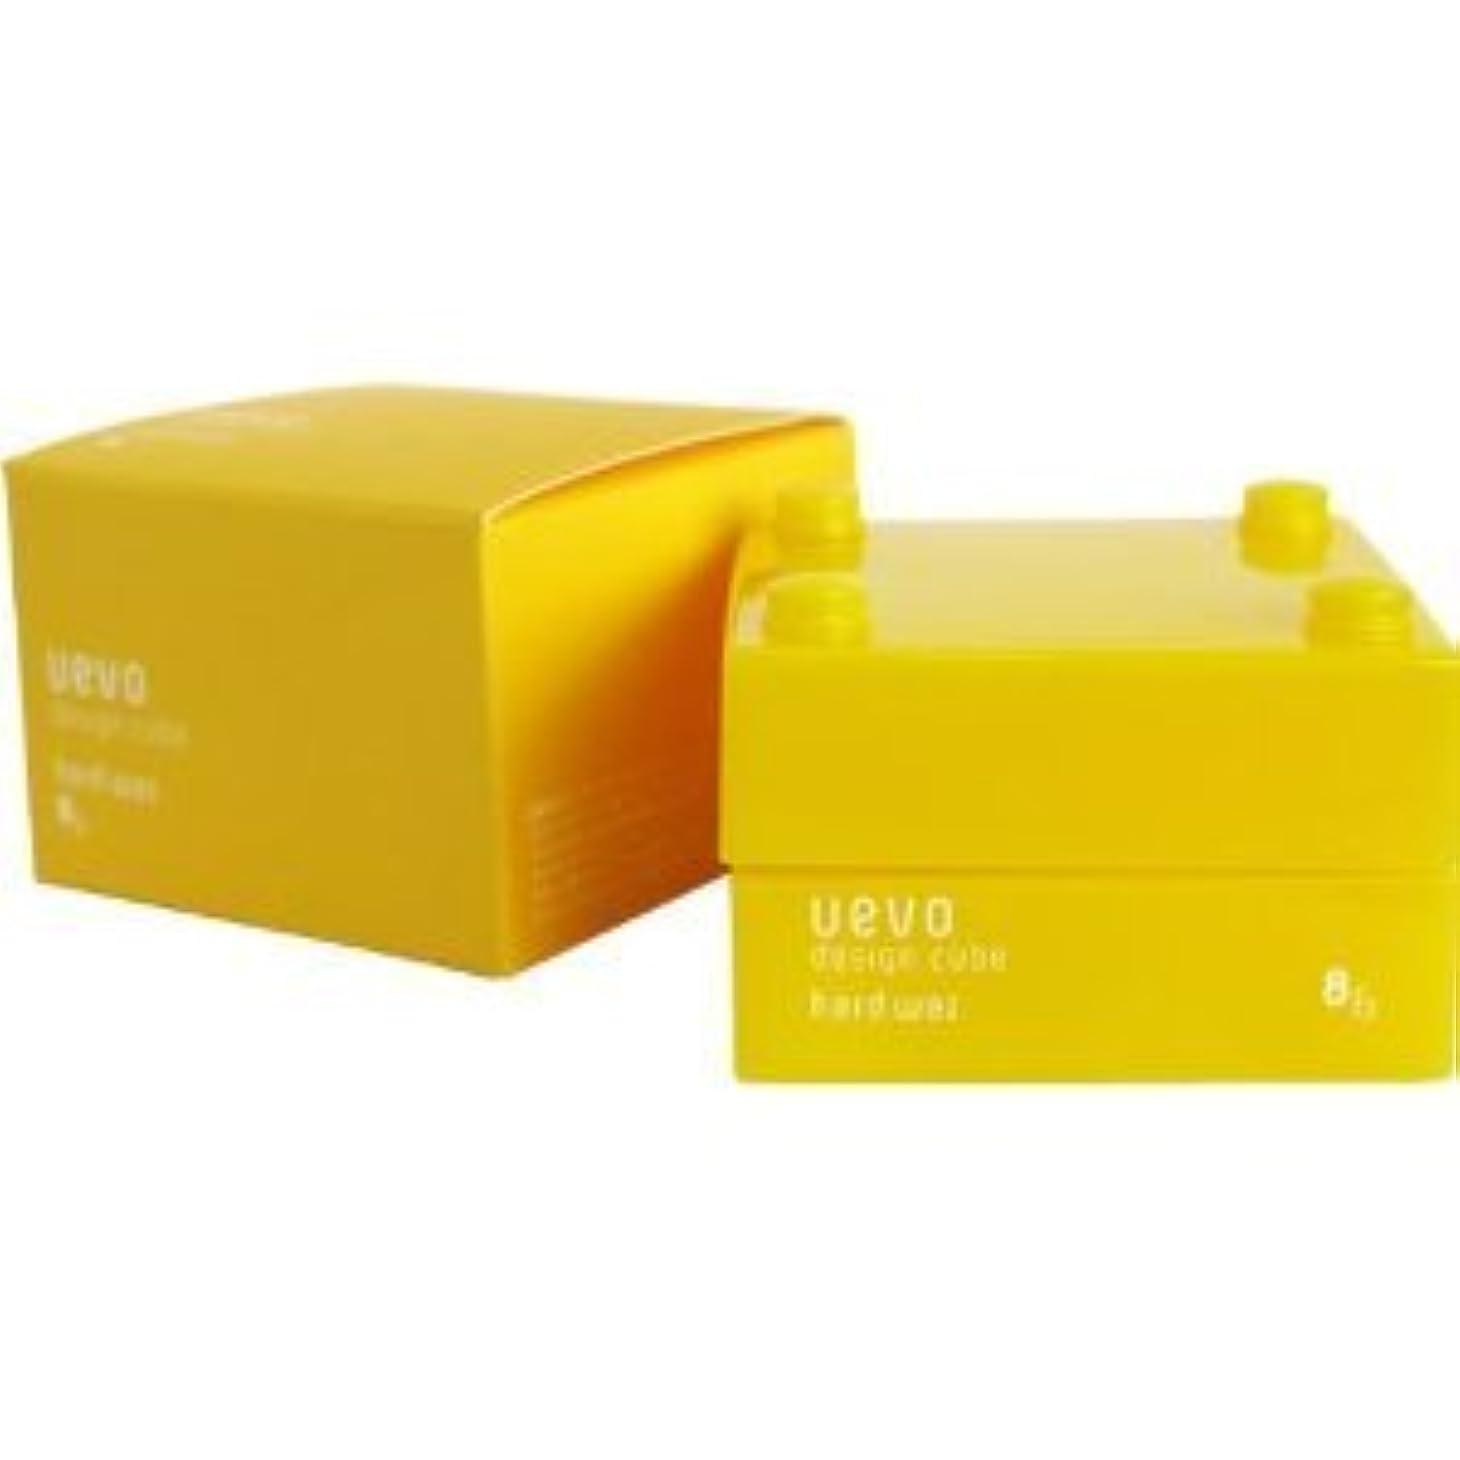 弾丸絶妙引き潮【X3個セット】 デミ ウェーボ デザインキューブ ハードワックス 30g hard wax DEMI uevo design cube